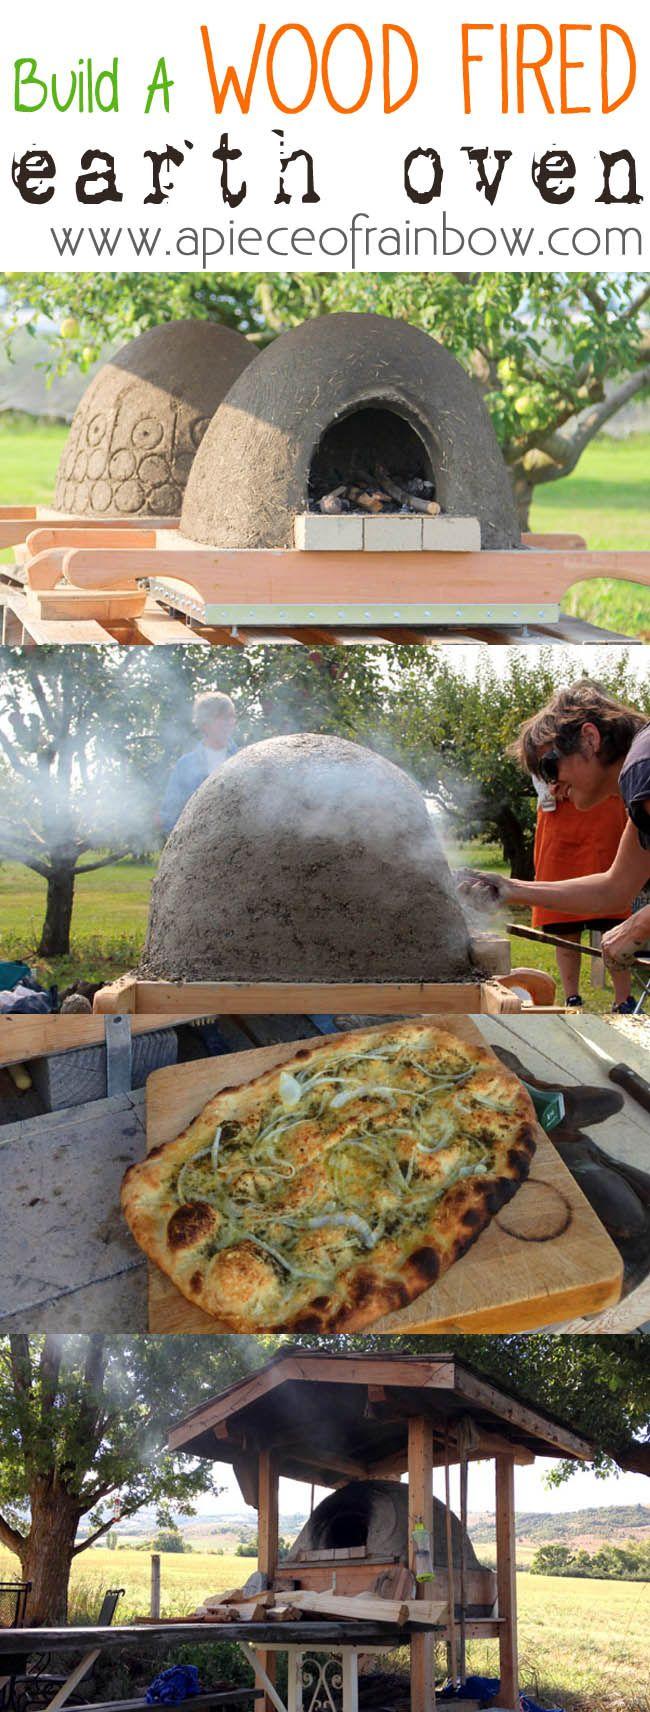 Vous Avez Une Belle Maison Avec Un Joli Jardin, Mais Vous Avez Toujours  Trouvé Quu0027il Manquait Quelque Chose ? Peut être Que Ce Four à Pizza En  Pierre Saura ...